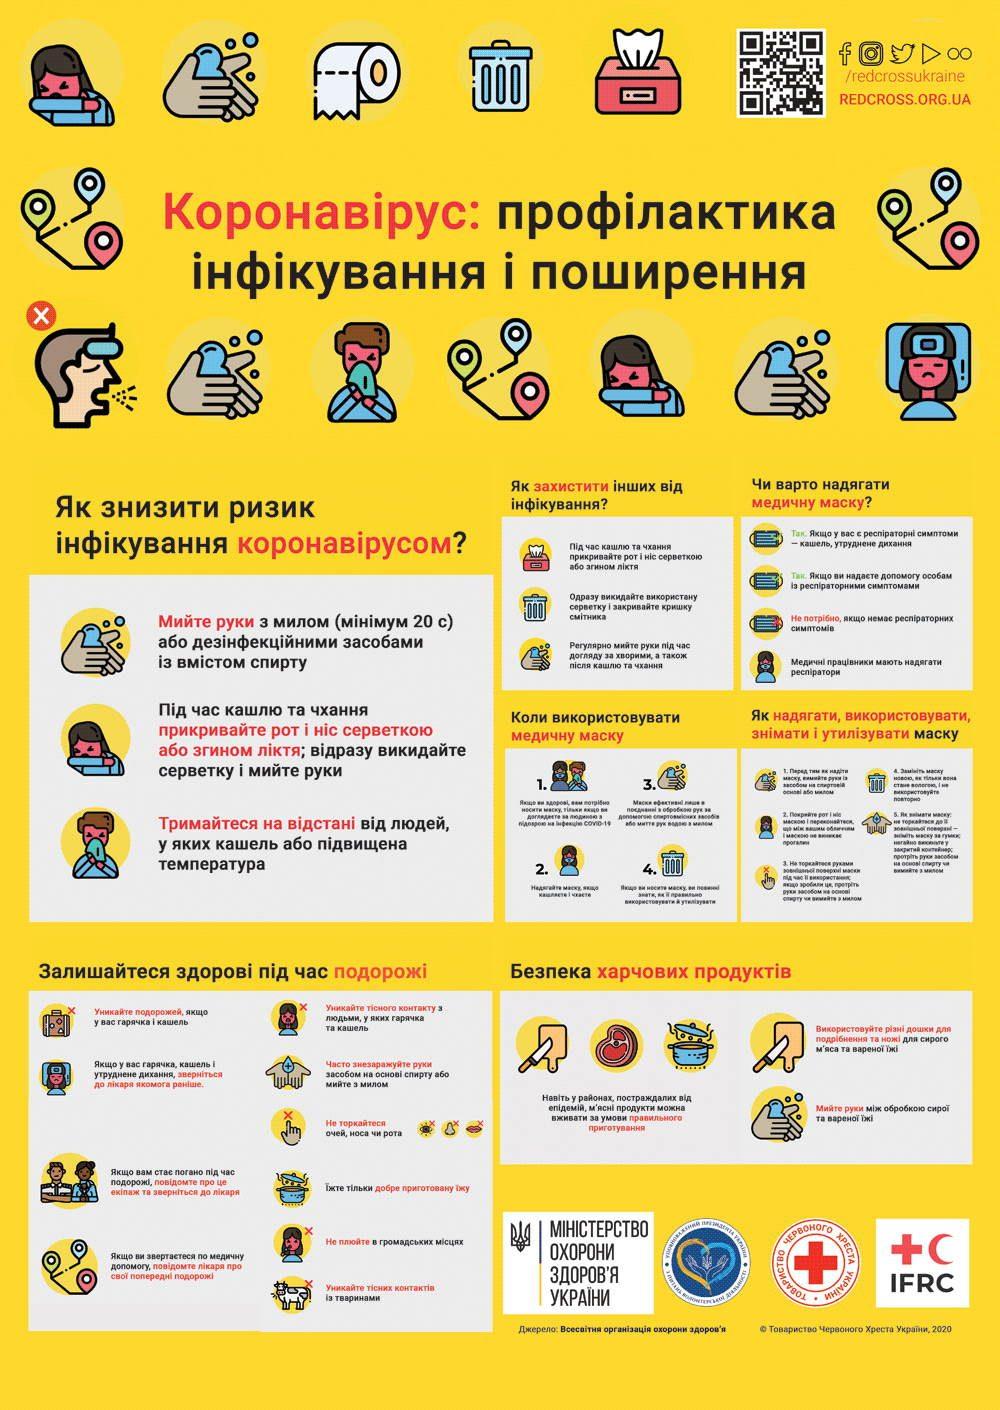 Загальні заходи профілактики коронавірусу в Україні